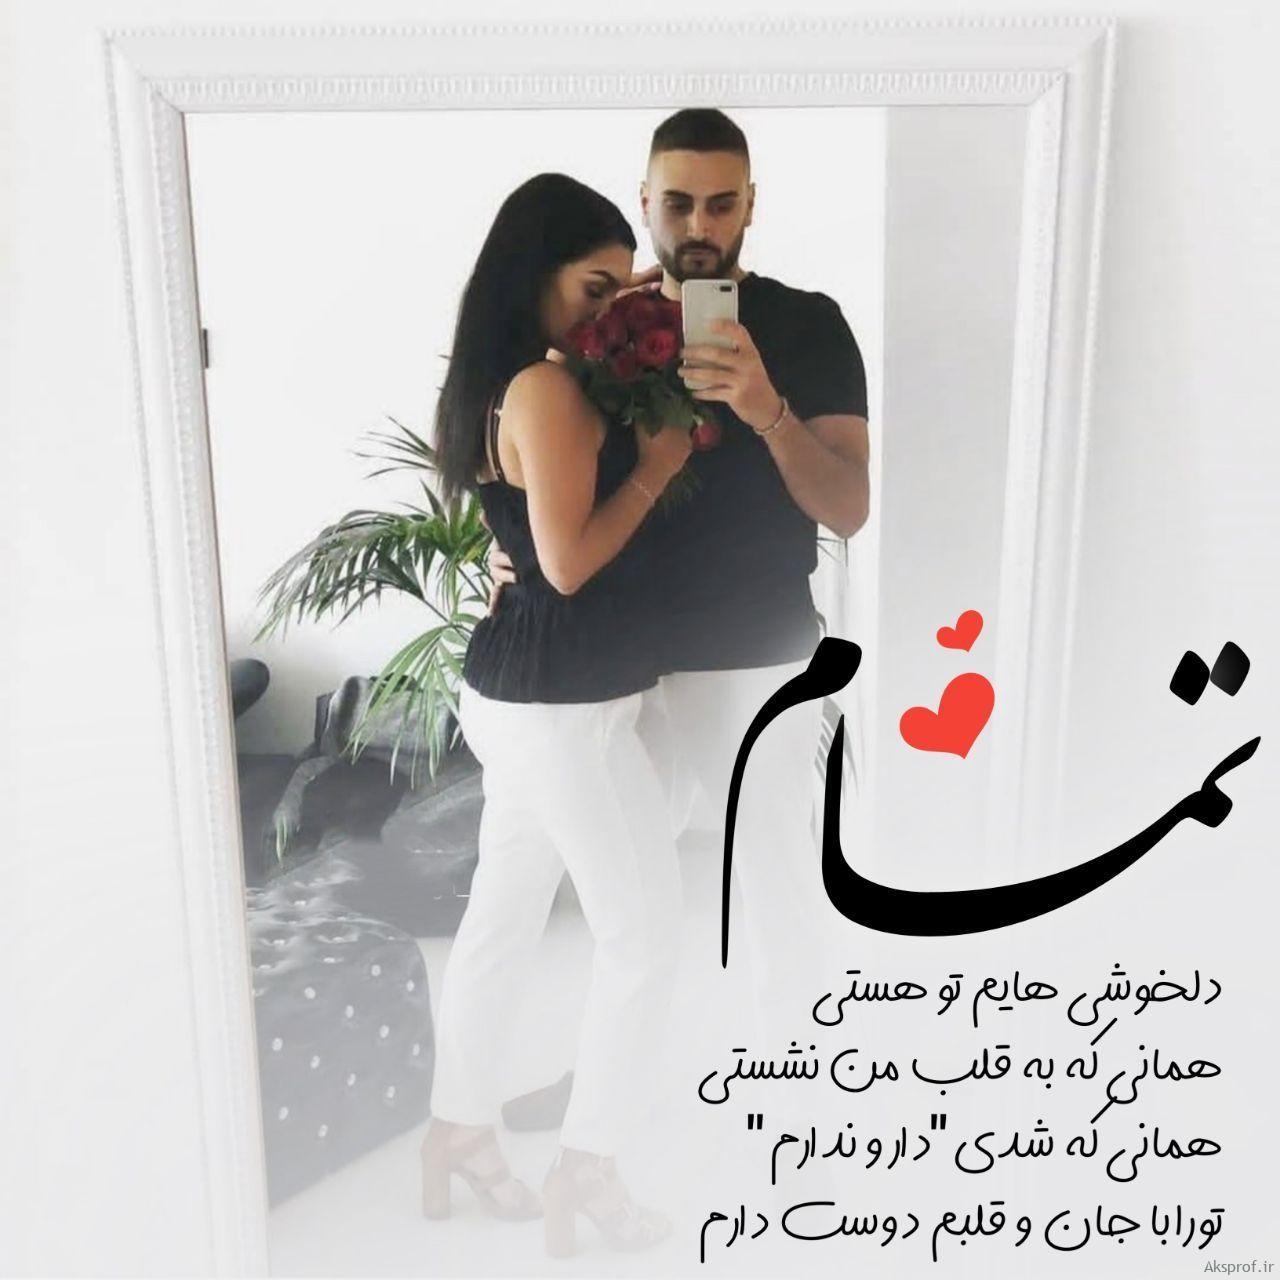 عکس نوشته های متن دار عاشقانه تمام من